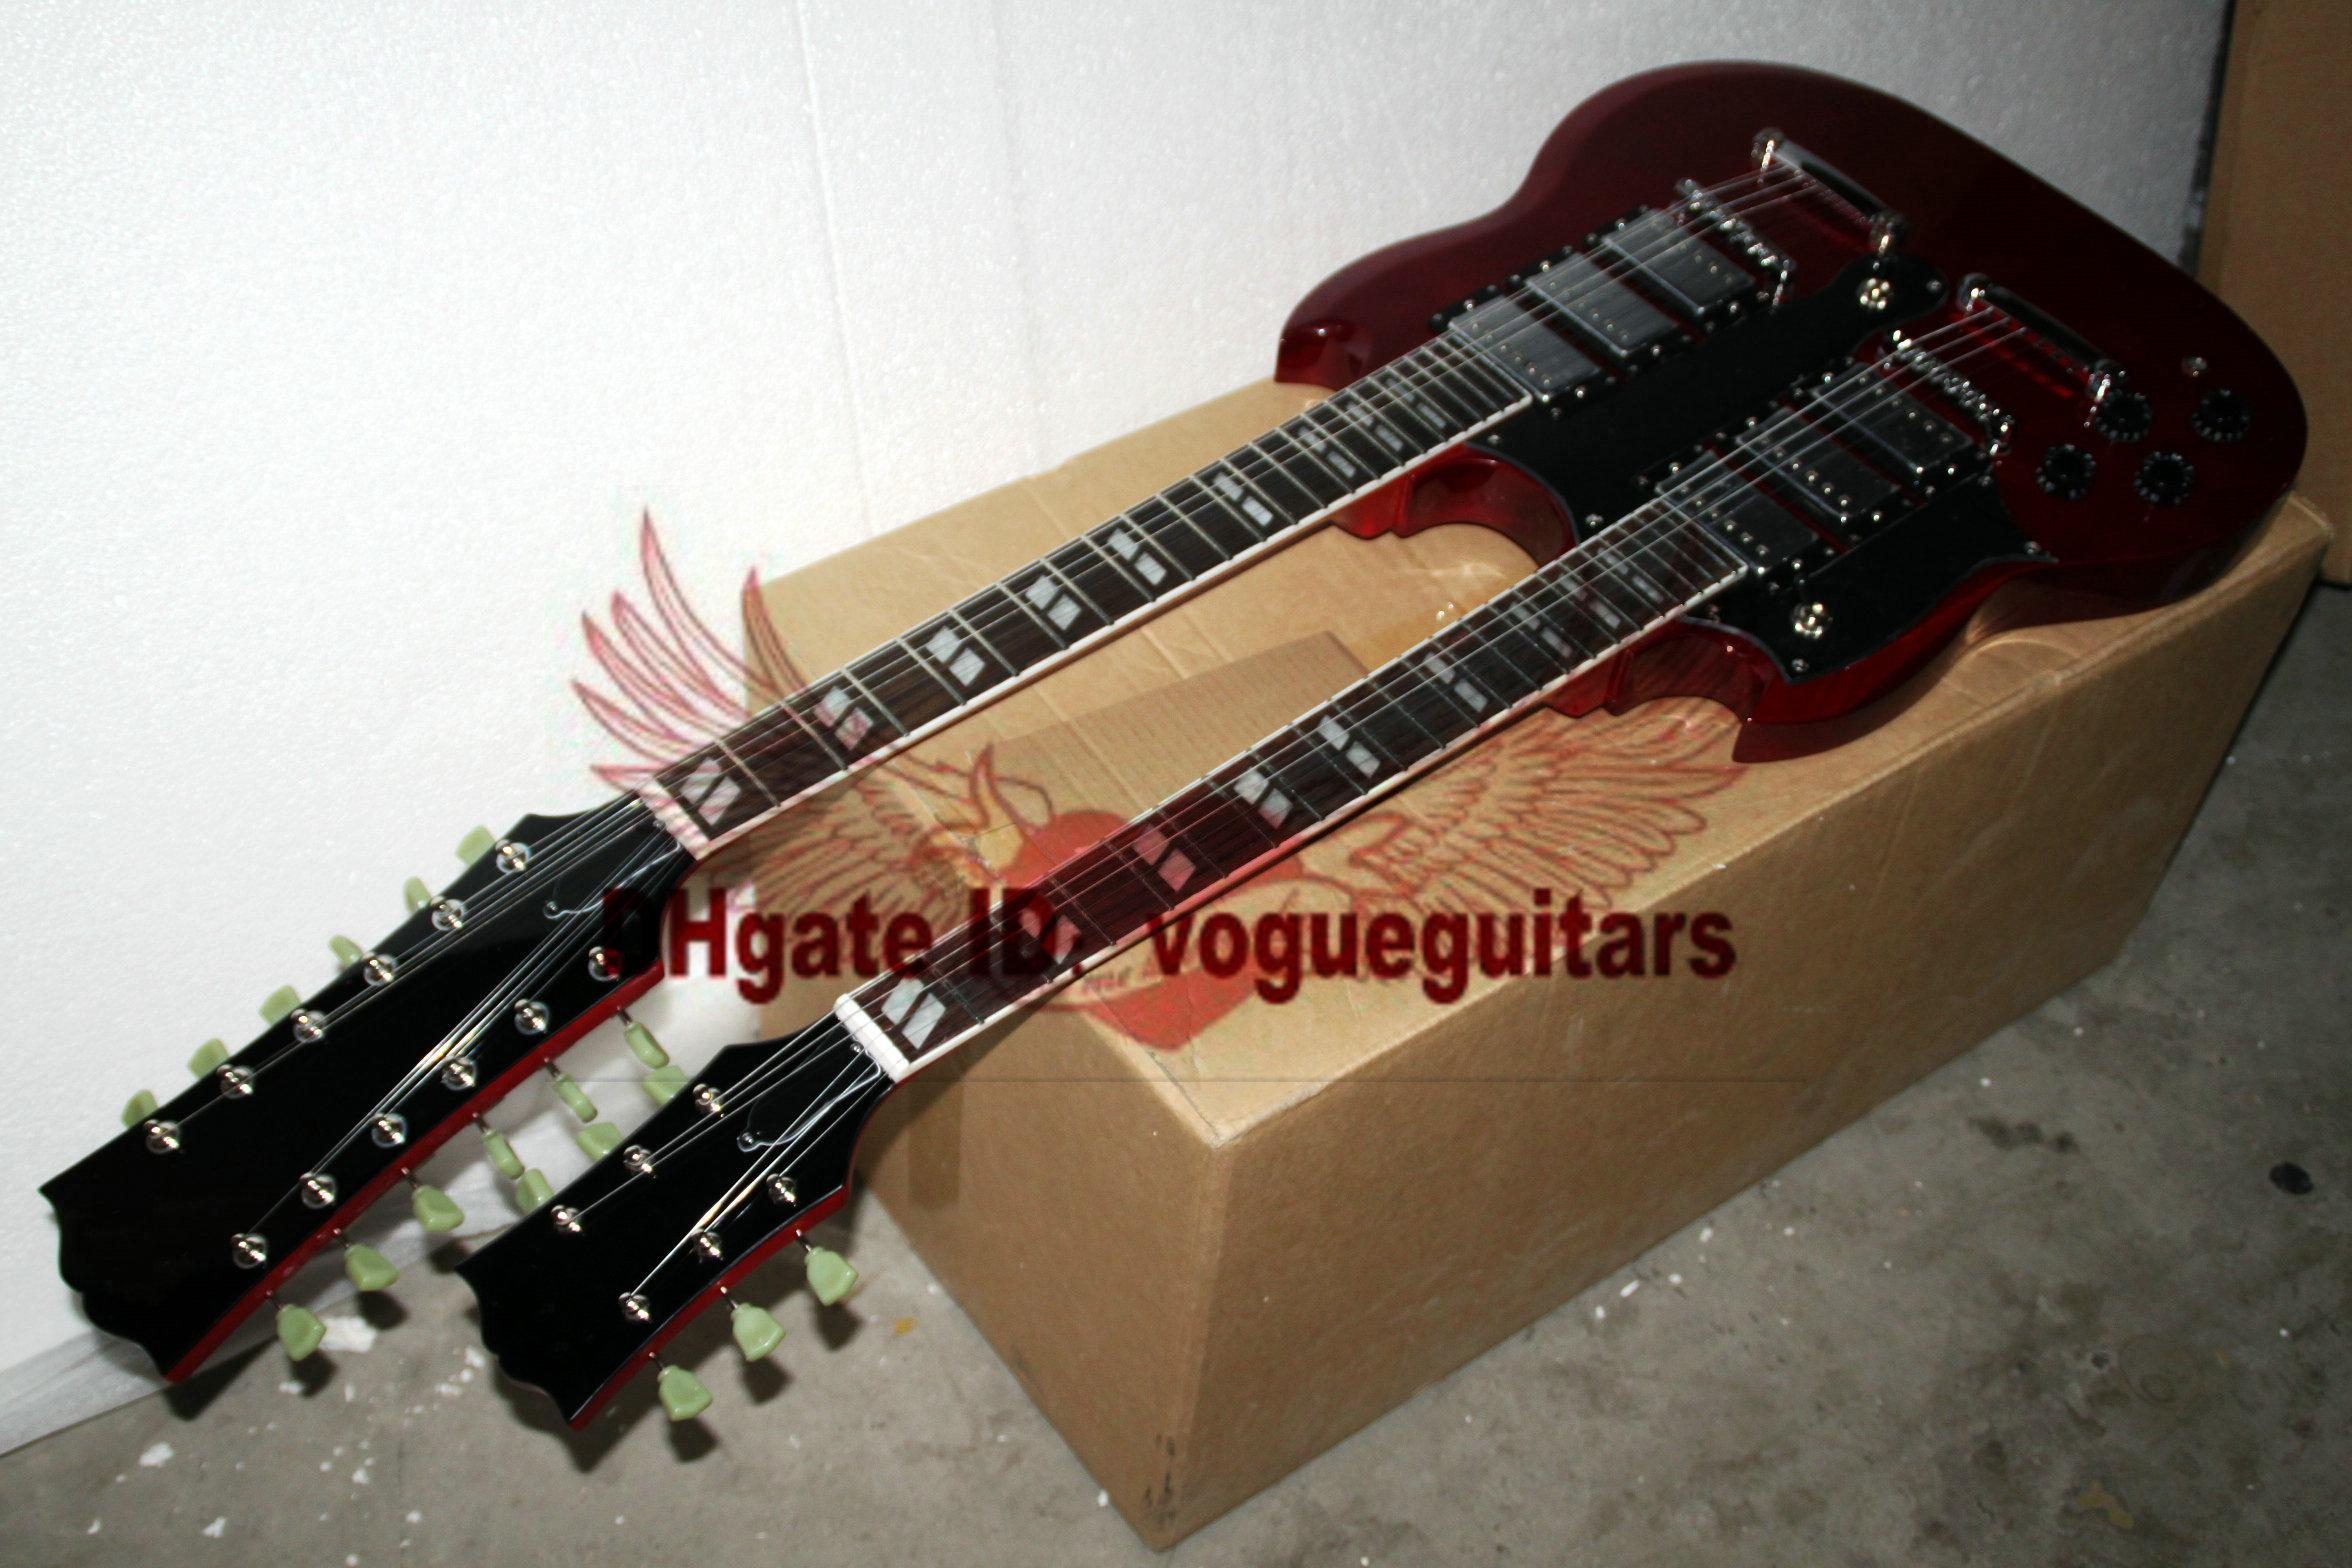 Benutzerdefinierte Linkshänder Gitarre Doppelhals 6 Saiten 12 Saiten E-Gitarre in rot Kostenloser Versand 11